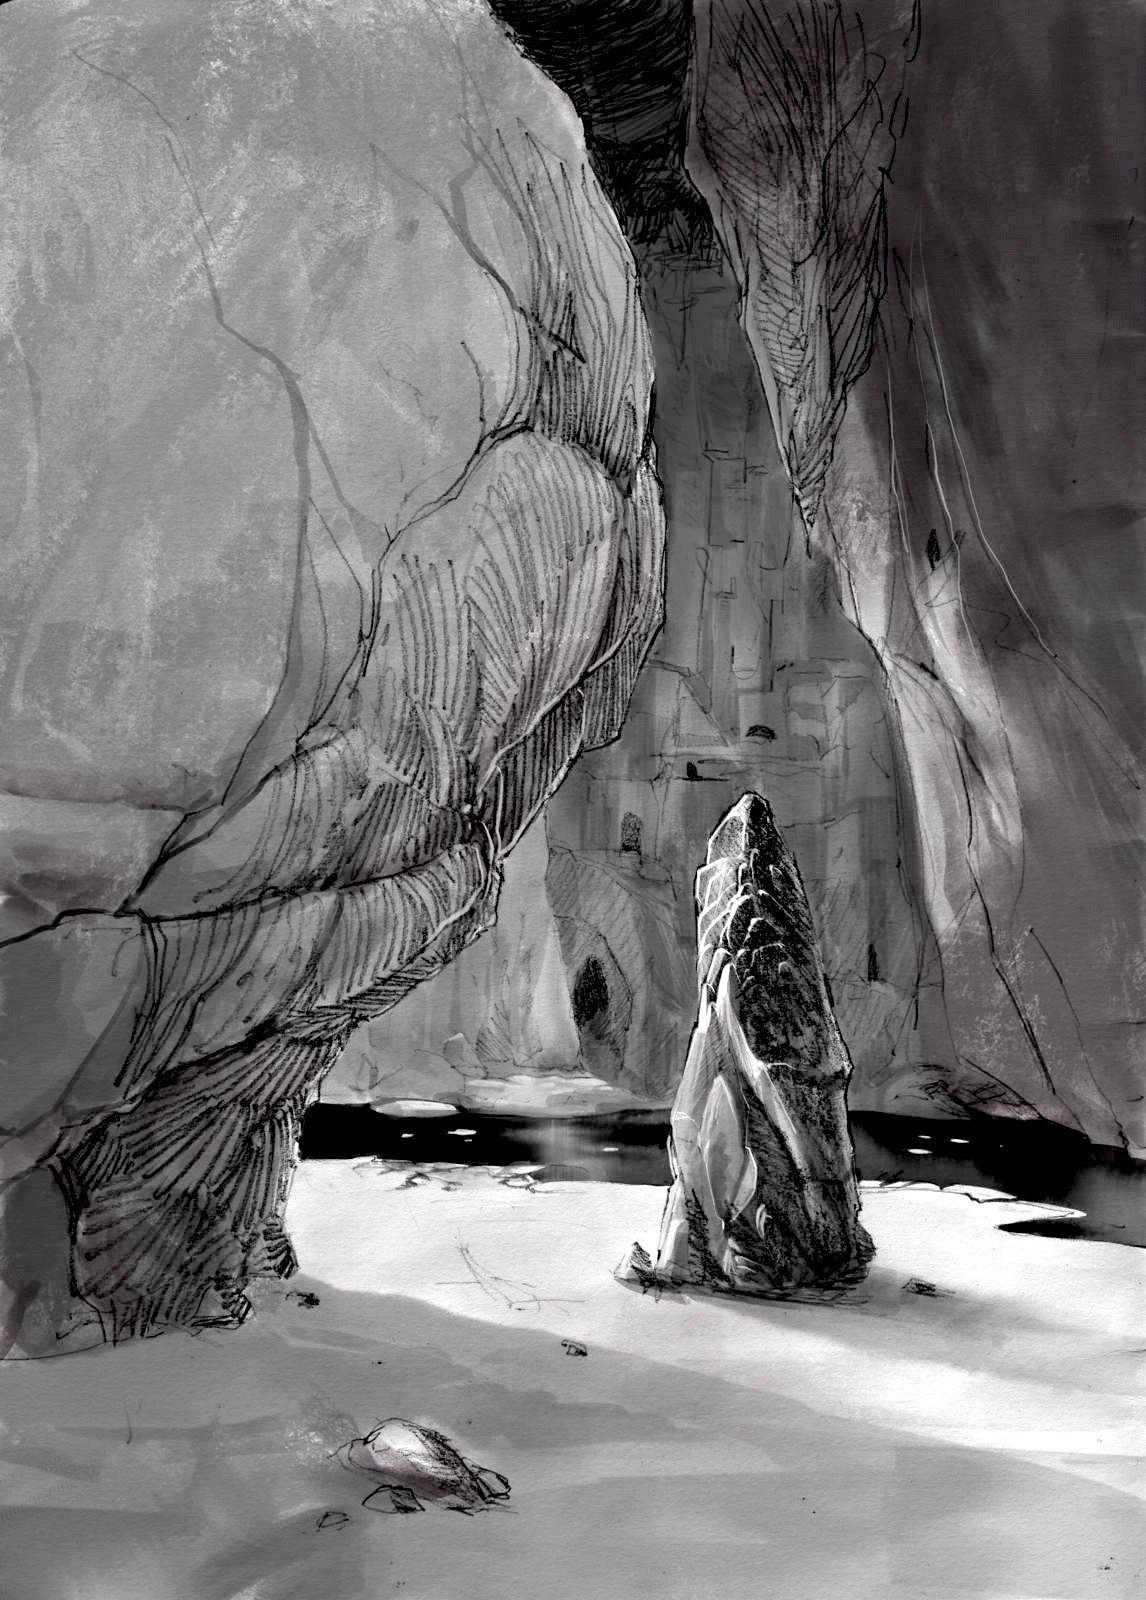 Cave sketch